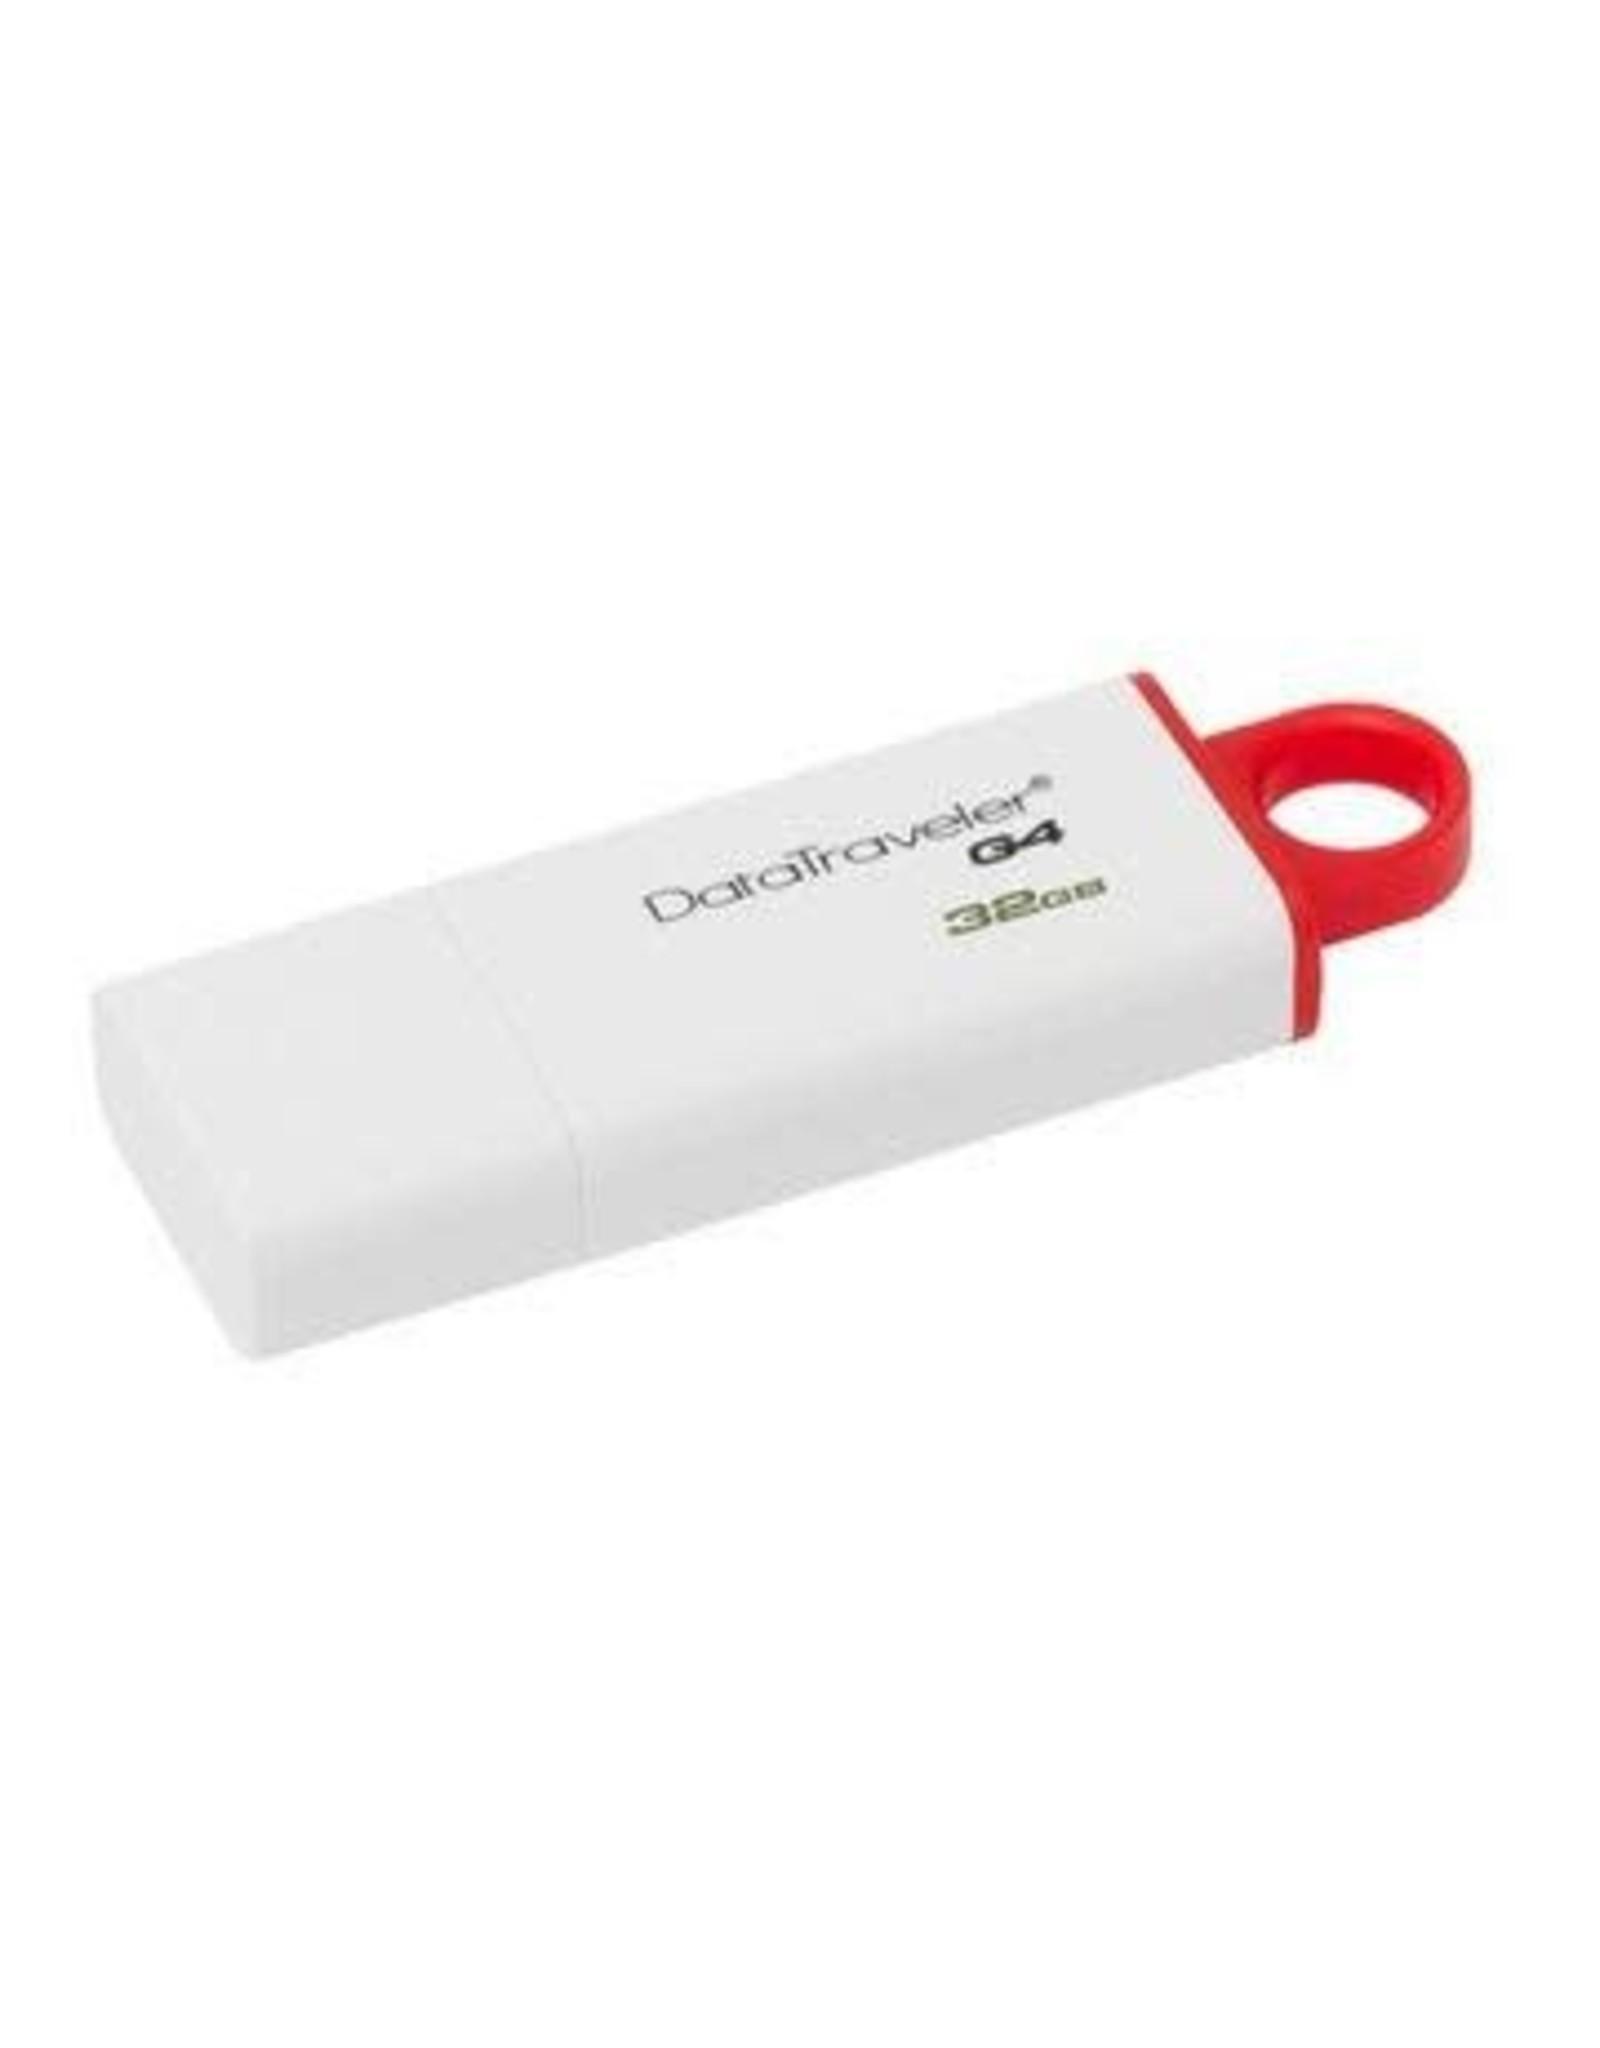 Kingston Technology Kingston Technology DataTraveler G4 32GB USB 3.0 Drive